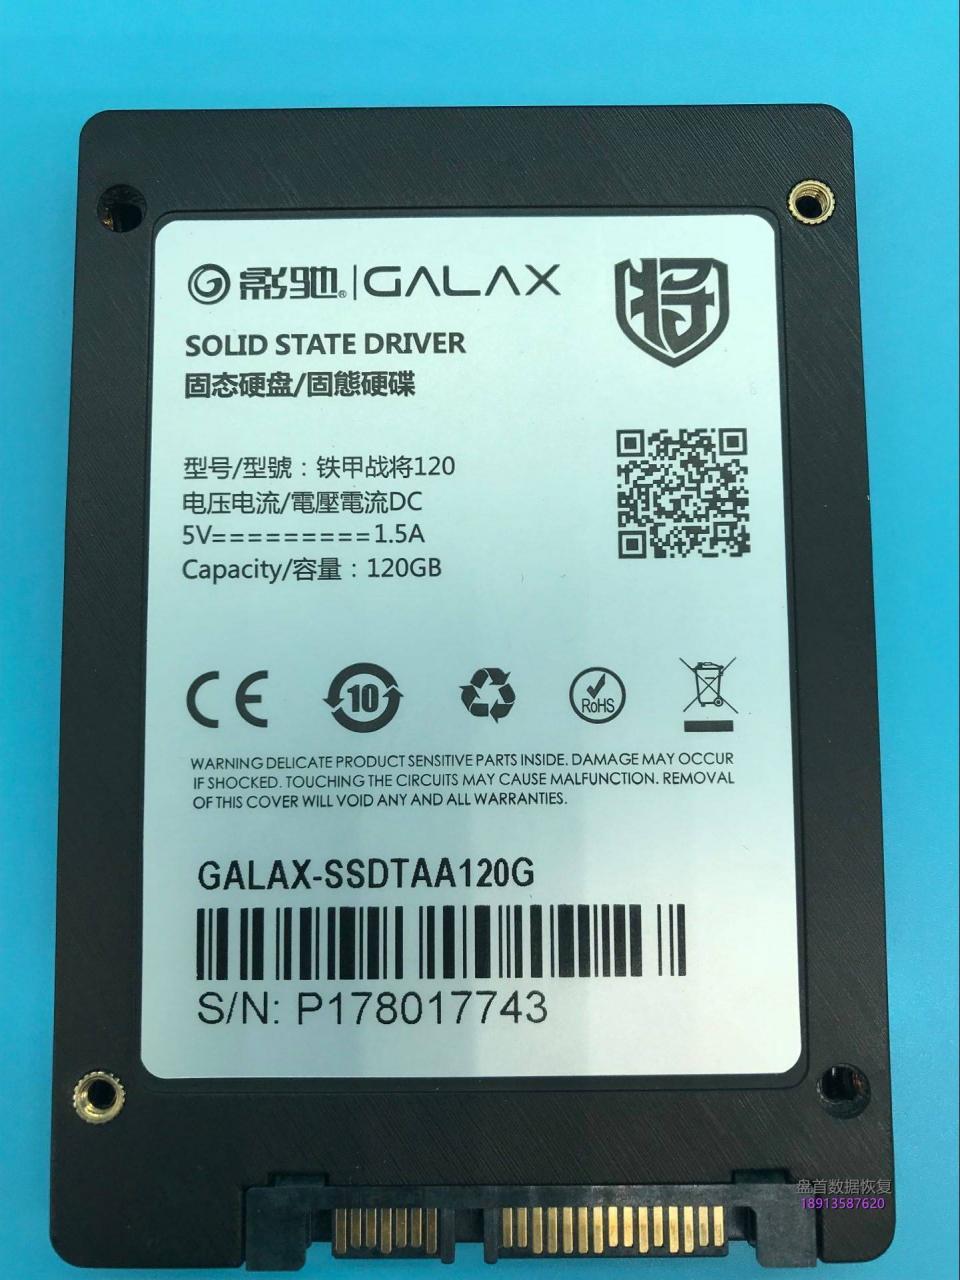 PS3111主控影驰120G固态硬盘掉盘后识别成SATAFIRM S11数据恢复完美成功